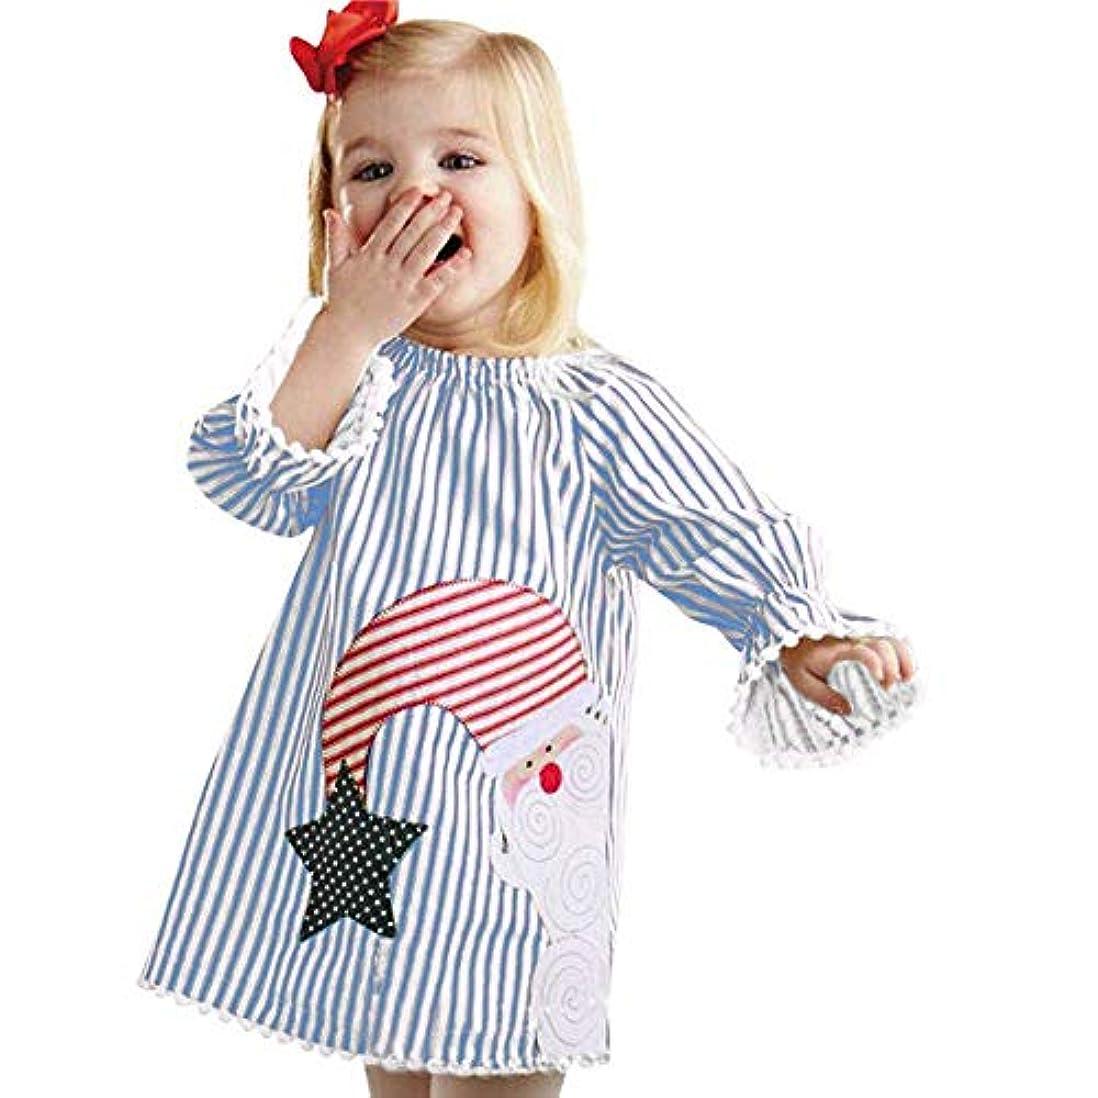 肌寒い石油あごBHKK 赤ちゃん幼児の女の子ロングスリーブサンタストライププリンセスドレスクリスマスコスチューム 12 ヶ月-4 歳 24ヶ月